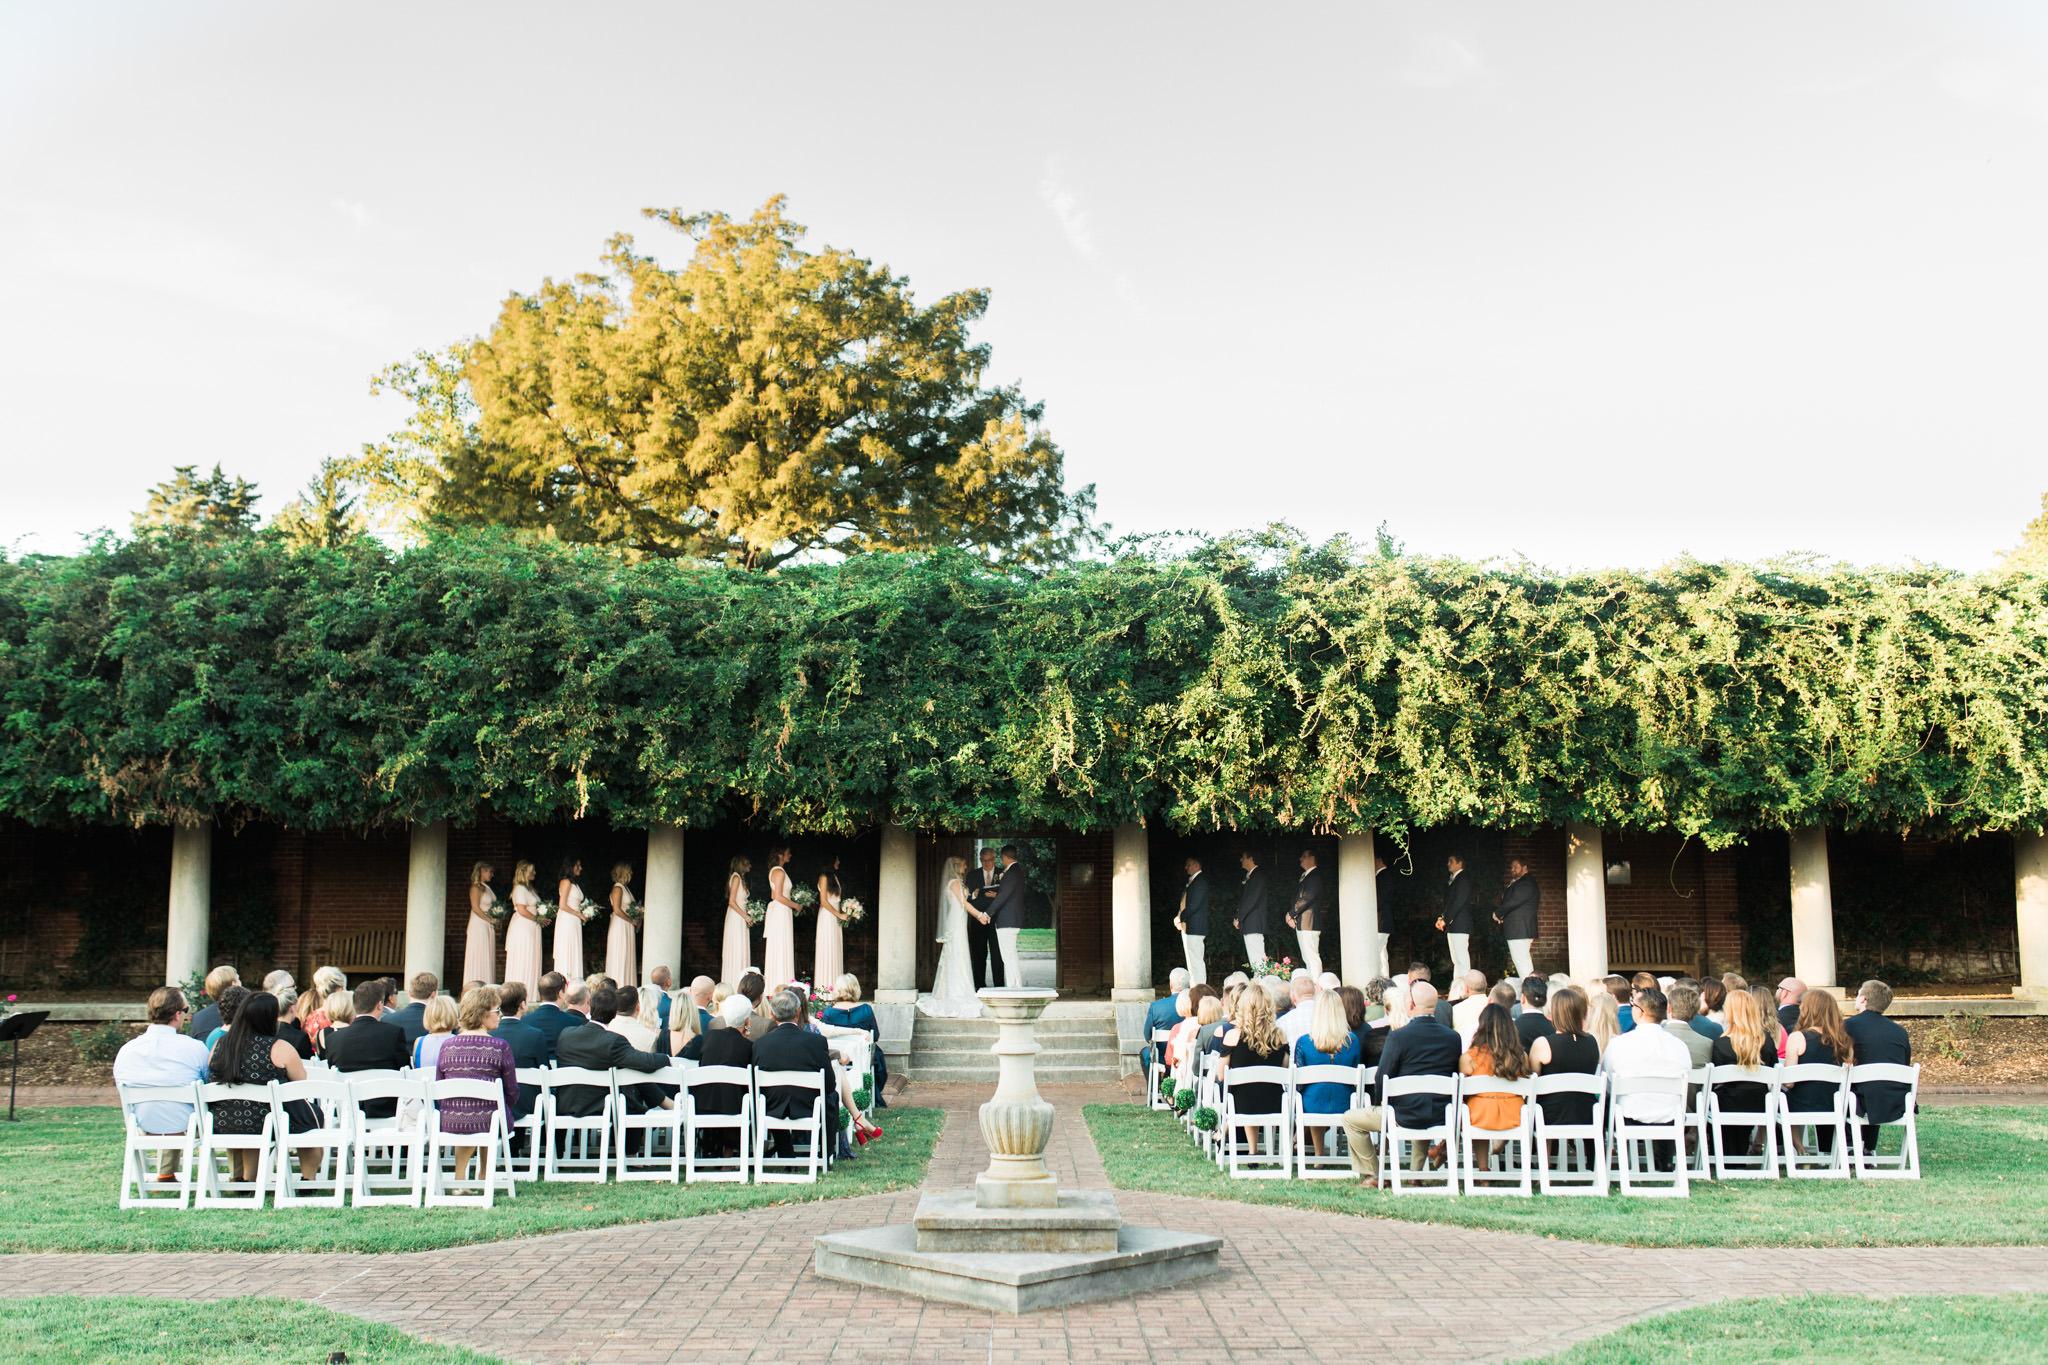 Outdoor wedding ceremony at Gardencourt Louisville